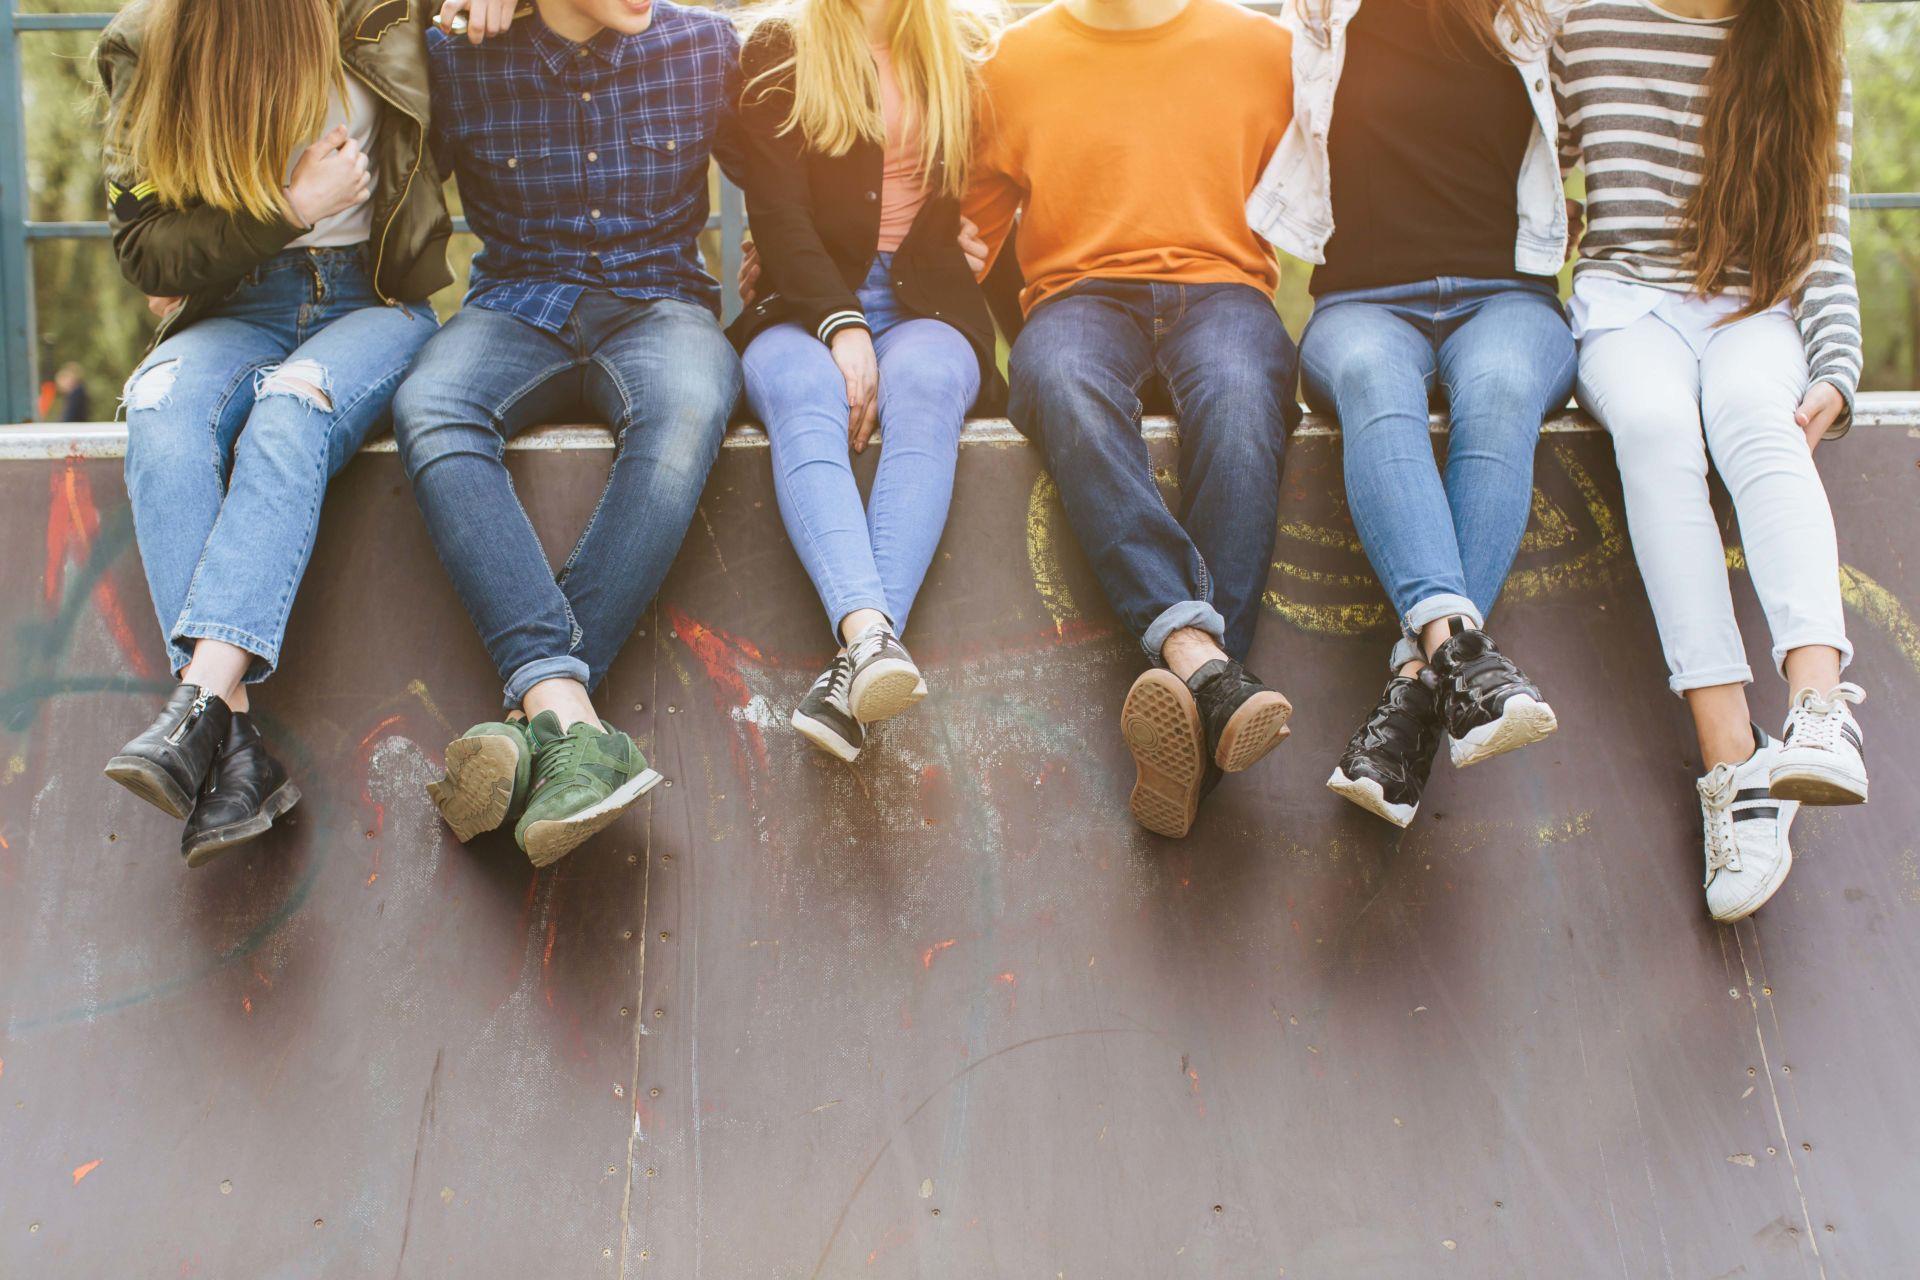 Hartioista alaspäin rajattu kuva, jossa kuusi teiniä istuu betonivallin päällä.